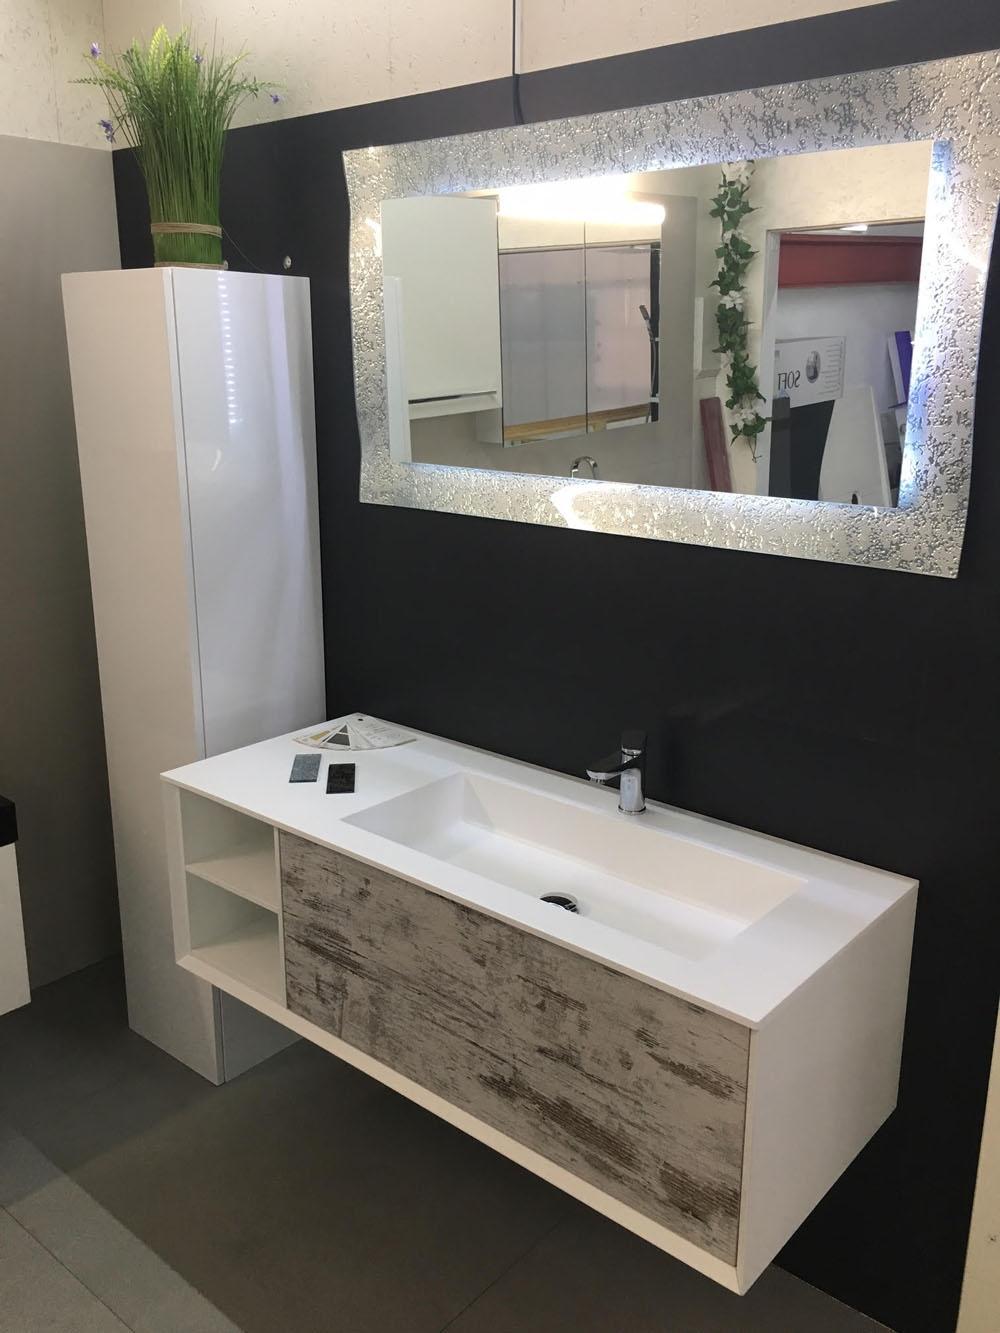 Mobile bagno moderno arteba scontato del 52 arredo - Arredi bagno moderni ...